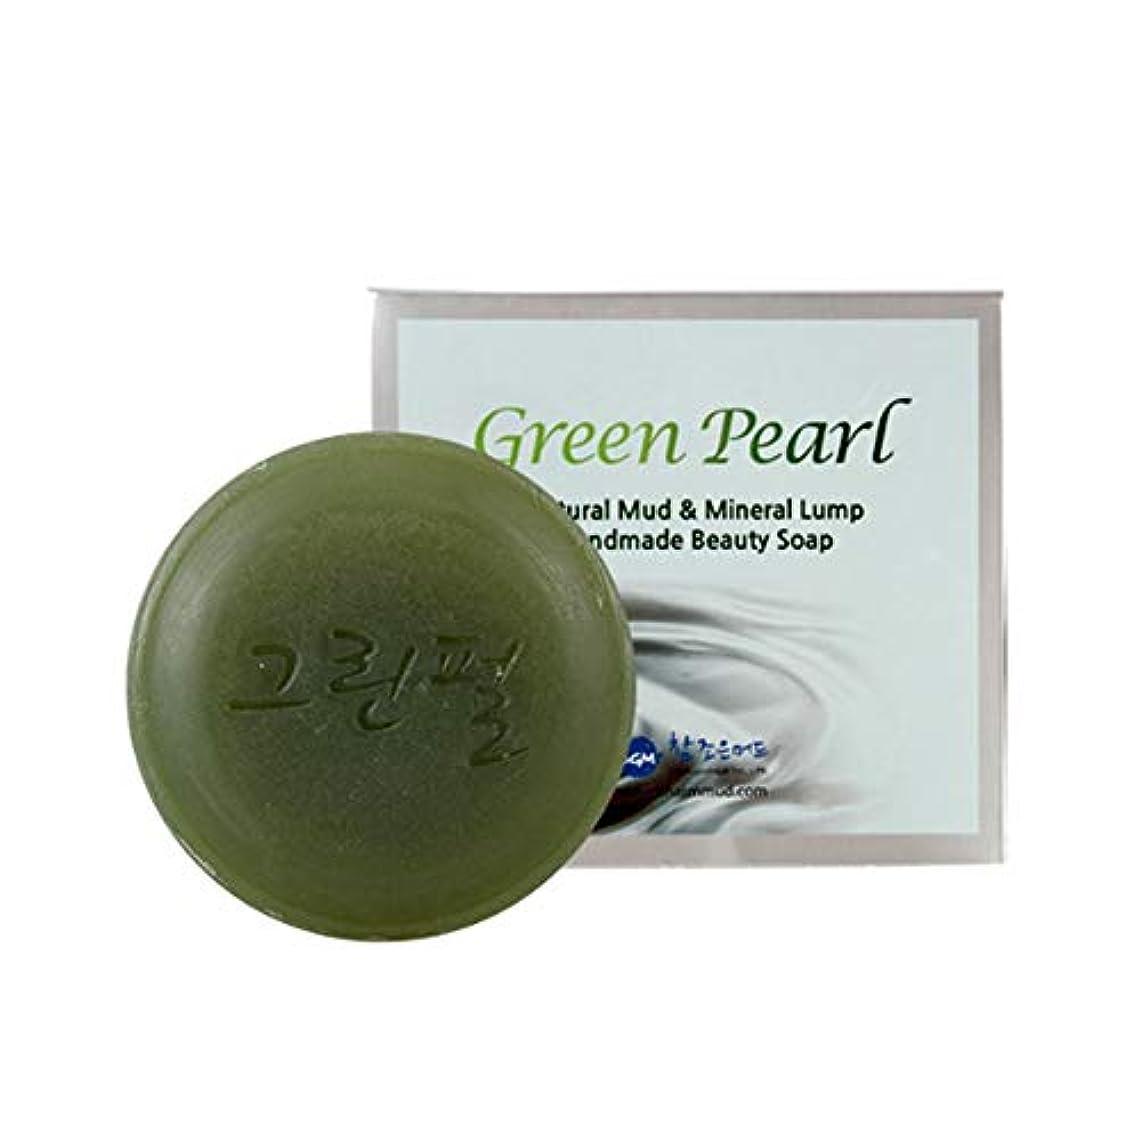 光電前進季節[Charmmud] グリーンパール せっけん スキンケア ミネラル 手作り美容 石鹸 [並行輸入品]